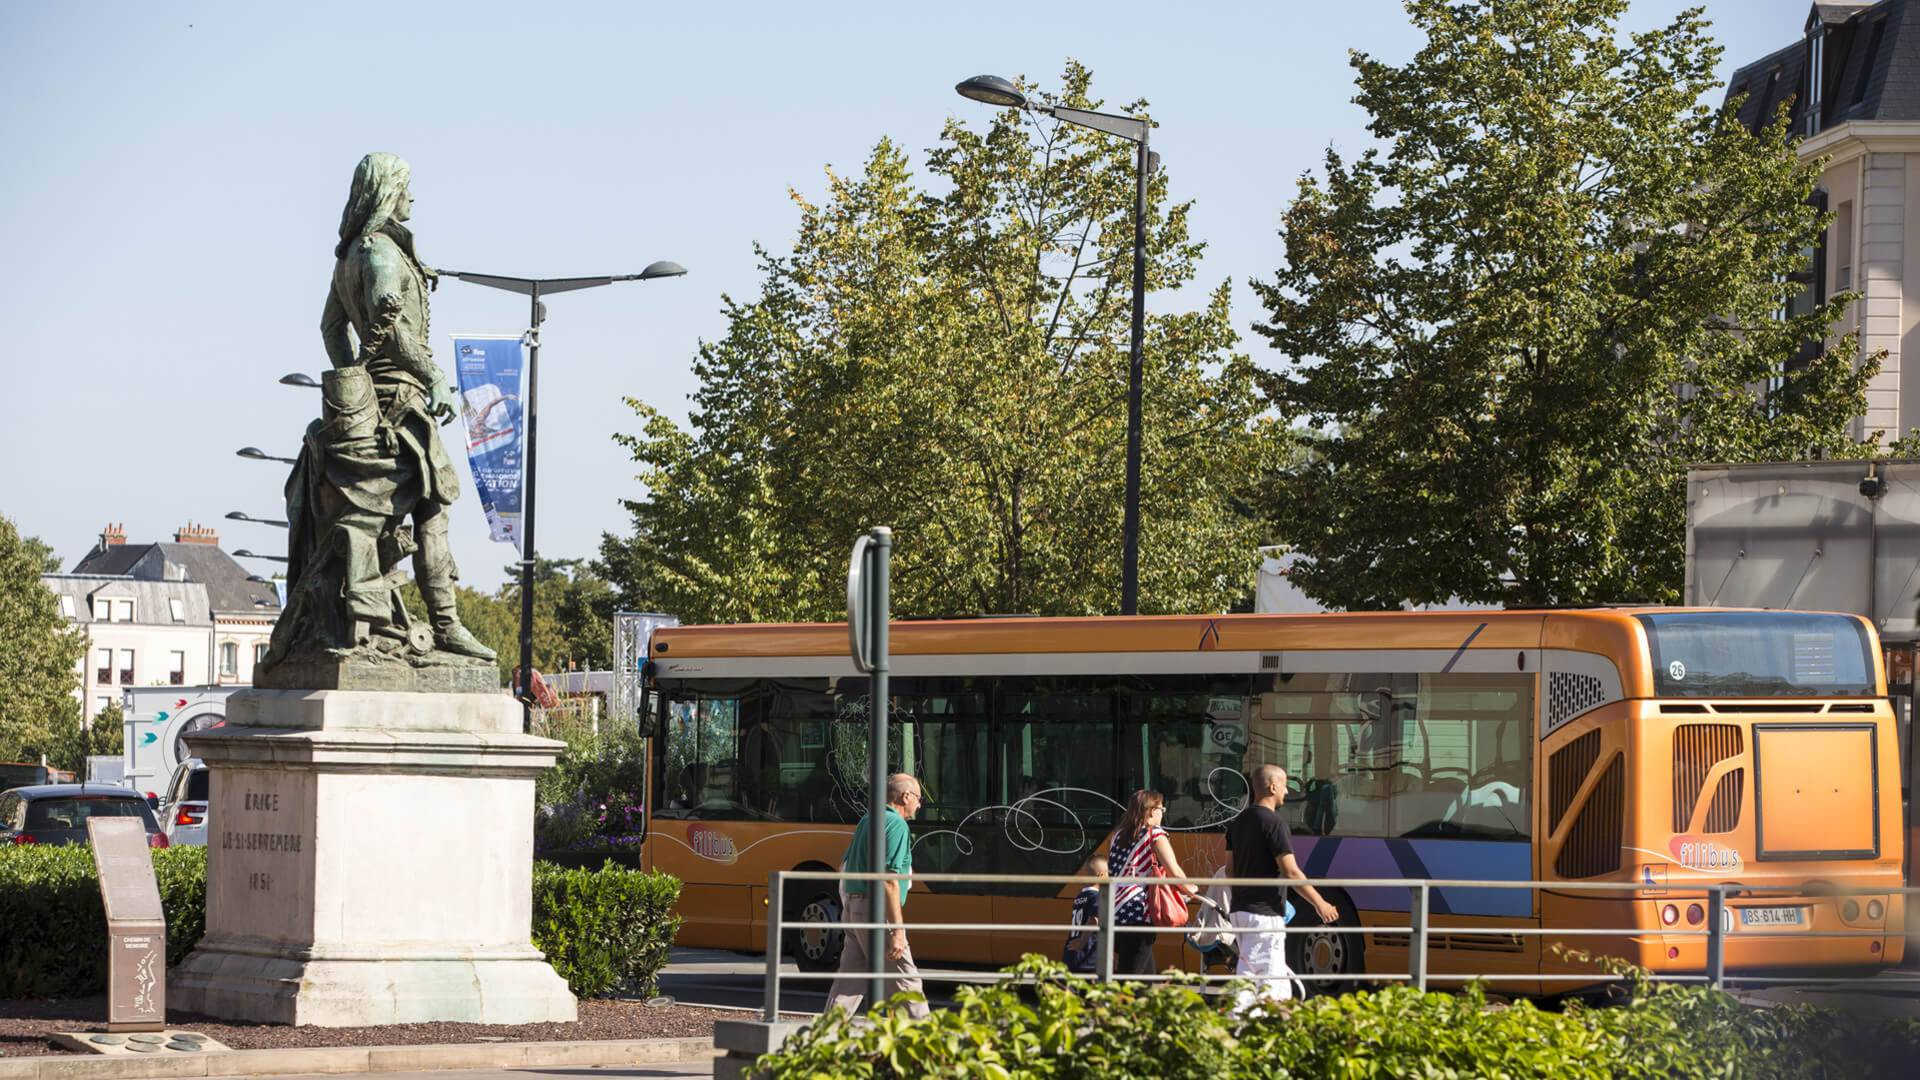 Bus filibus à Chartres